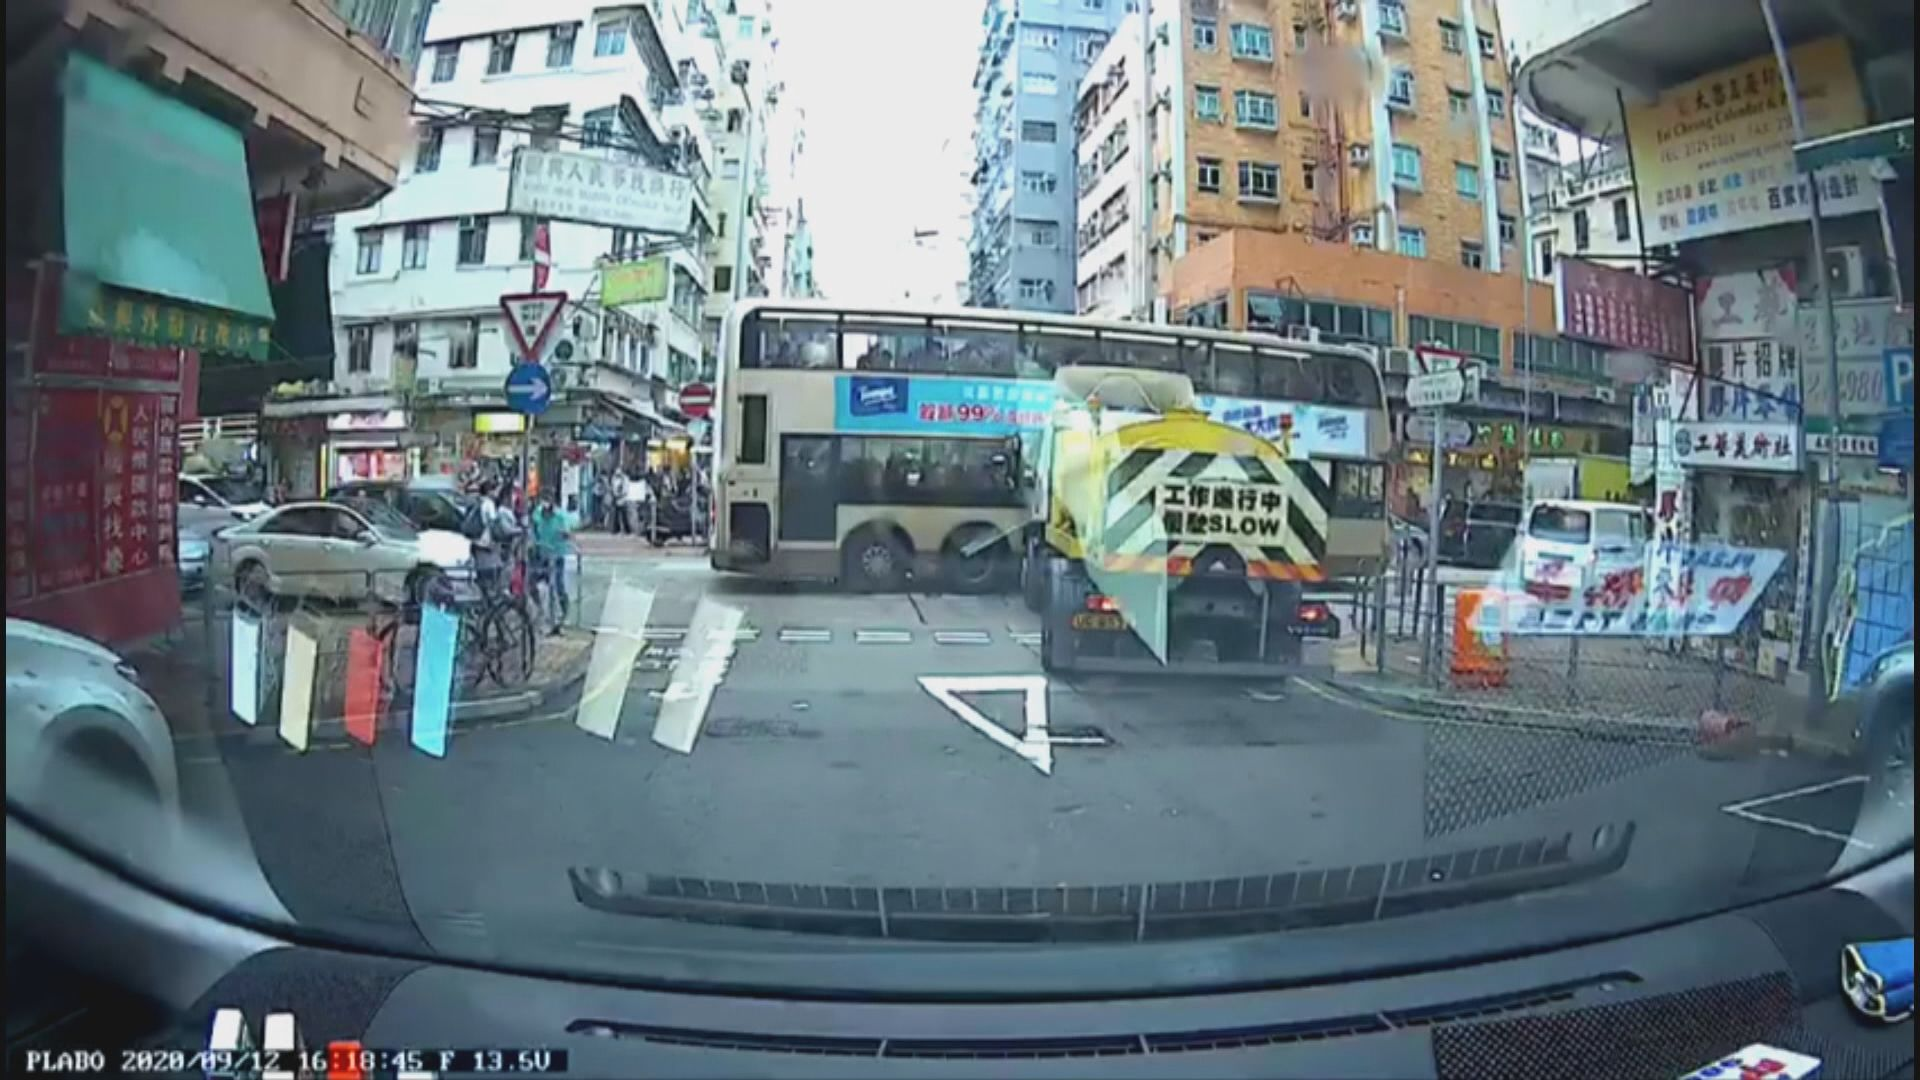 深水埗洗街車攔腰撞巴士 巴士右邊中間車身凹陷